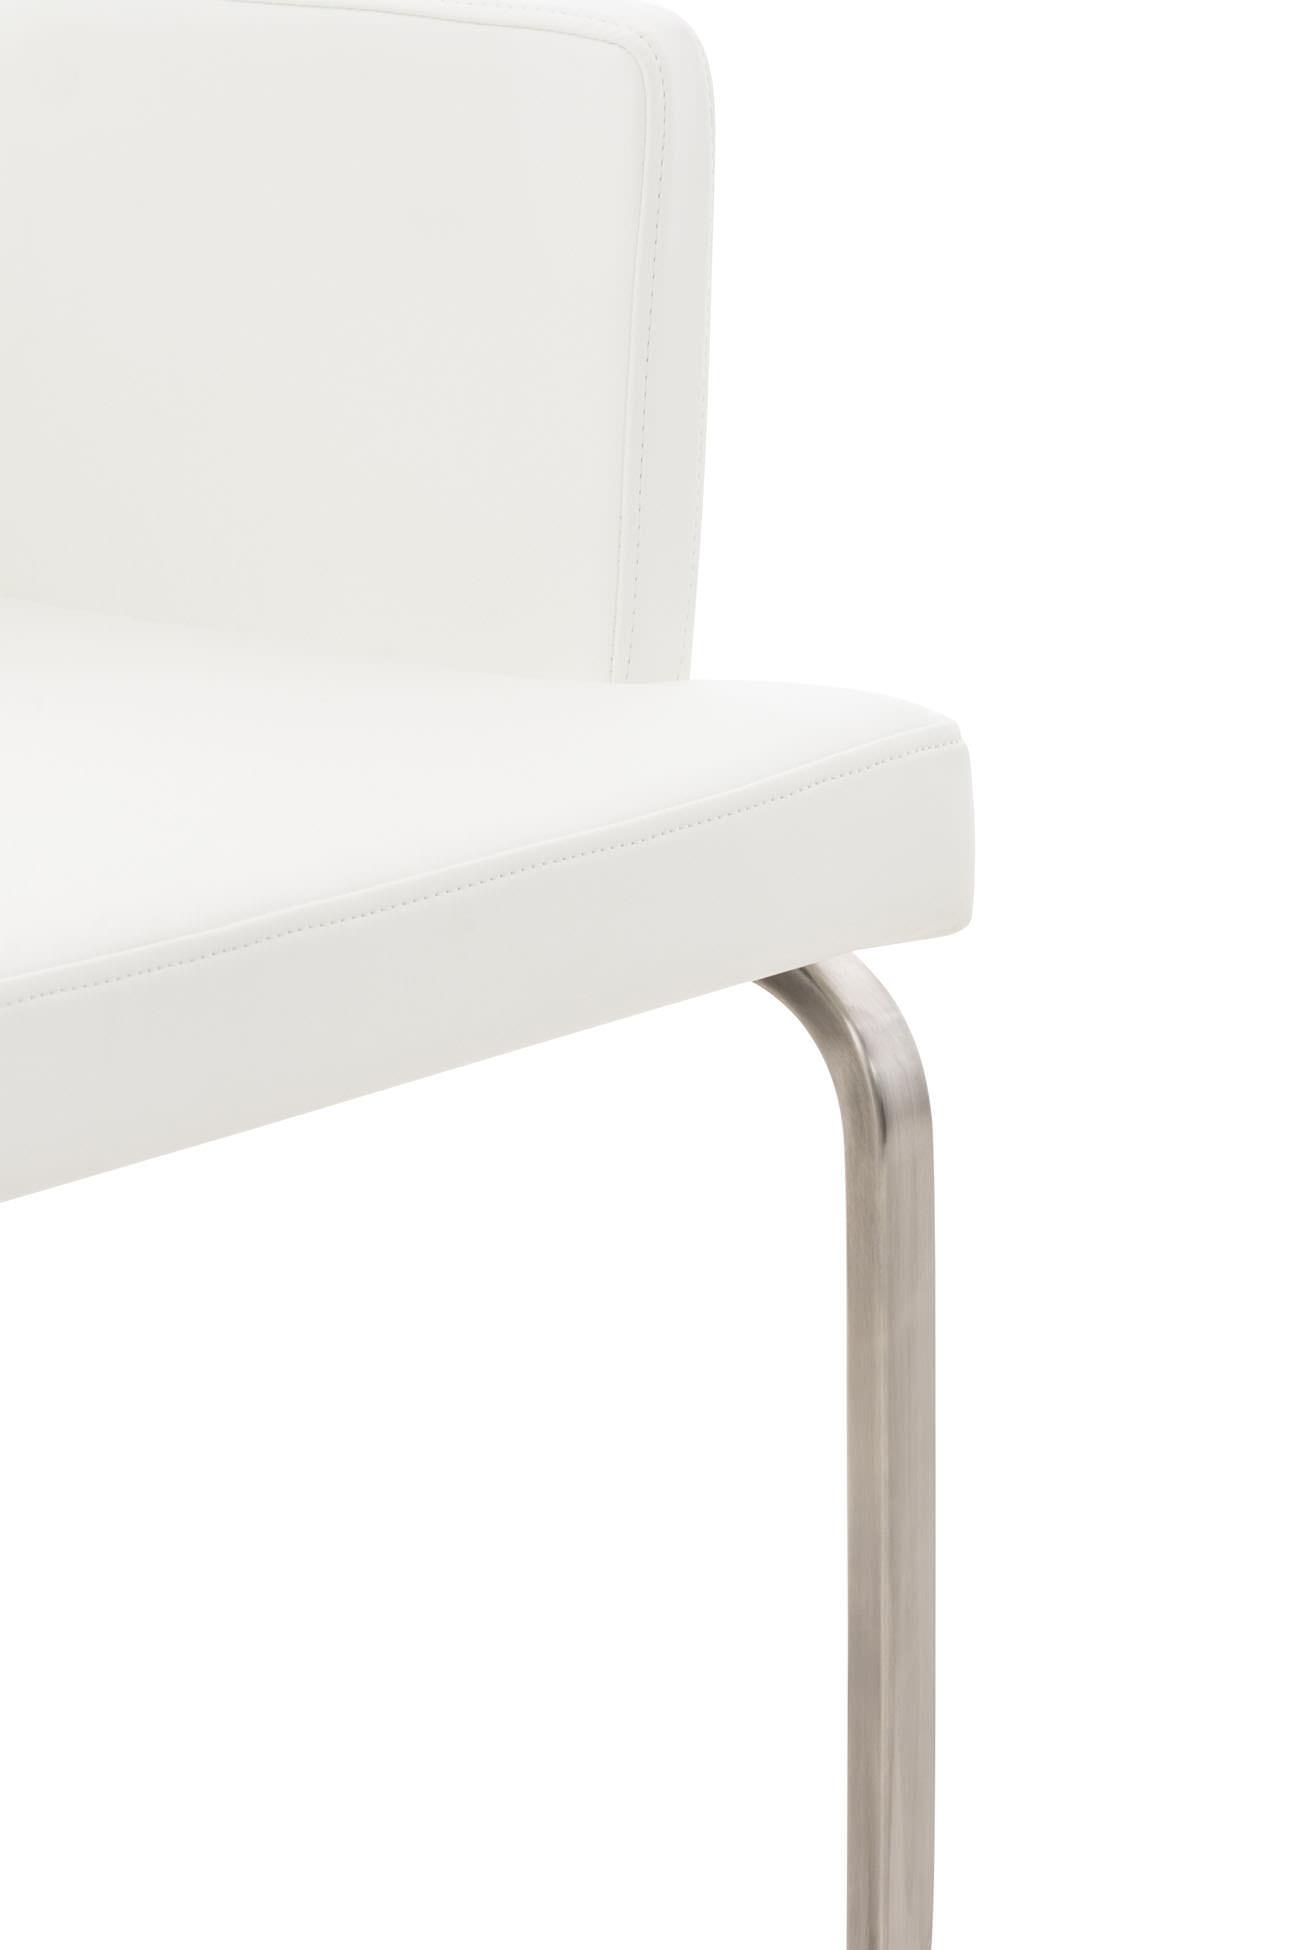 R6606 B 1301 2x Stuhl Aberford Kunstleder Edelstahl Weiß